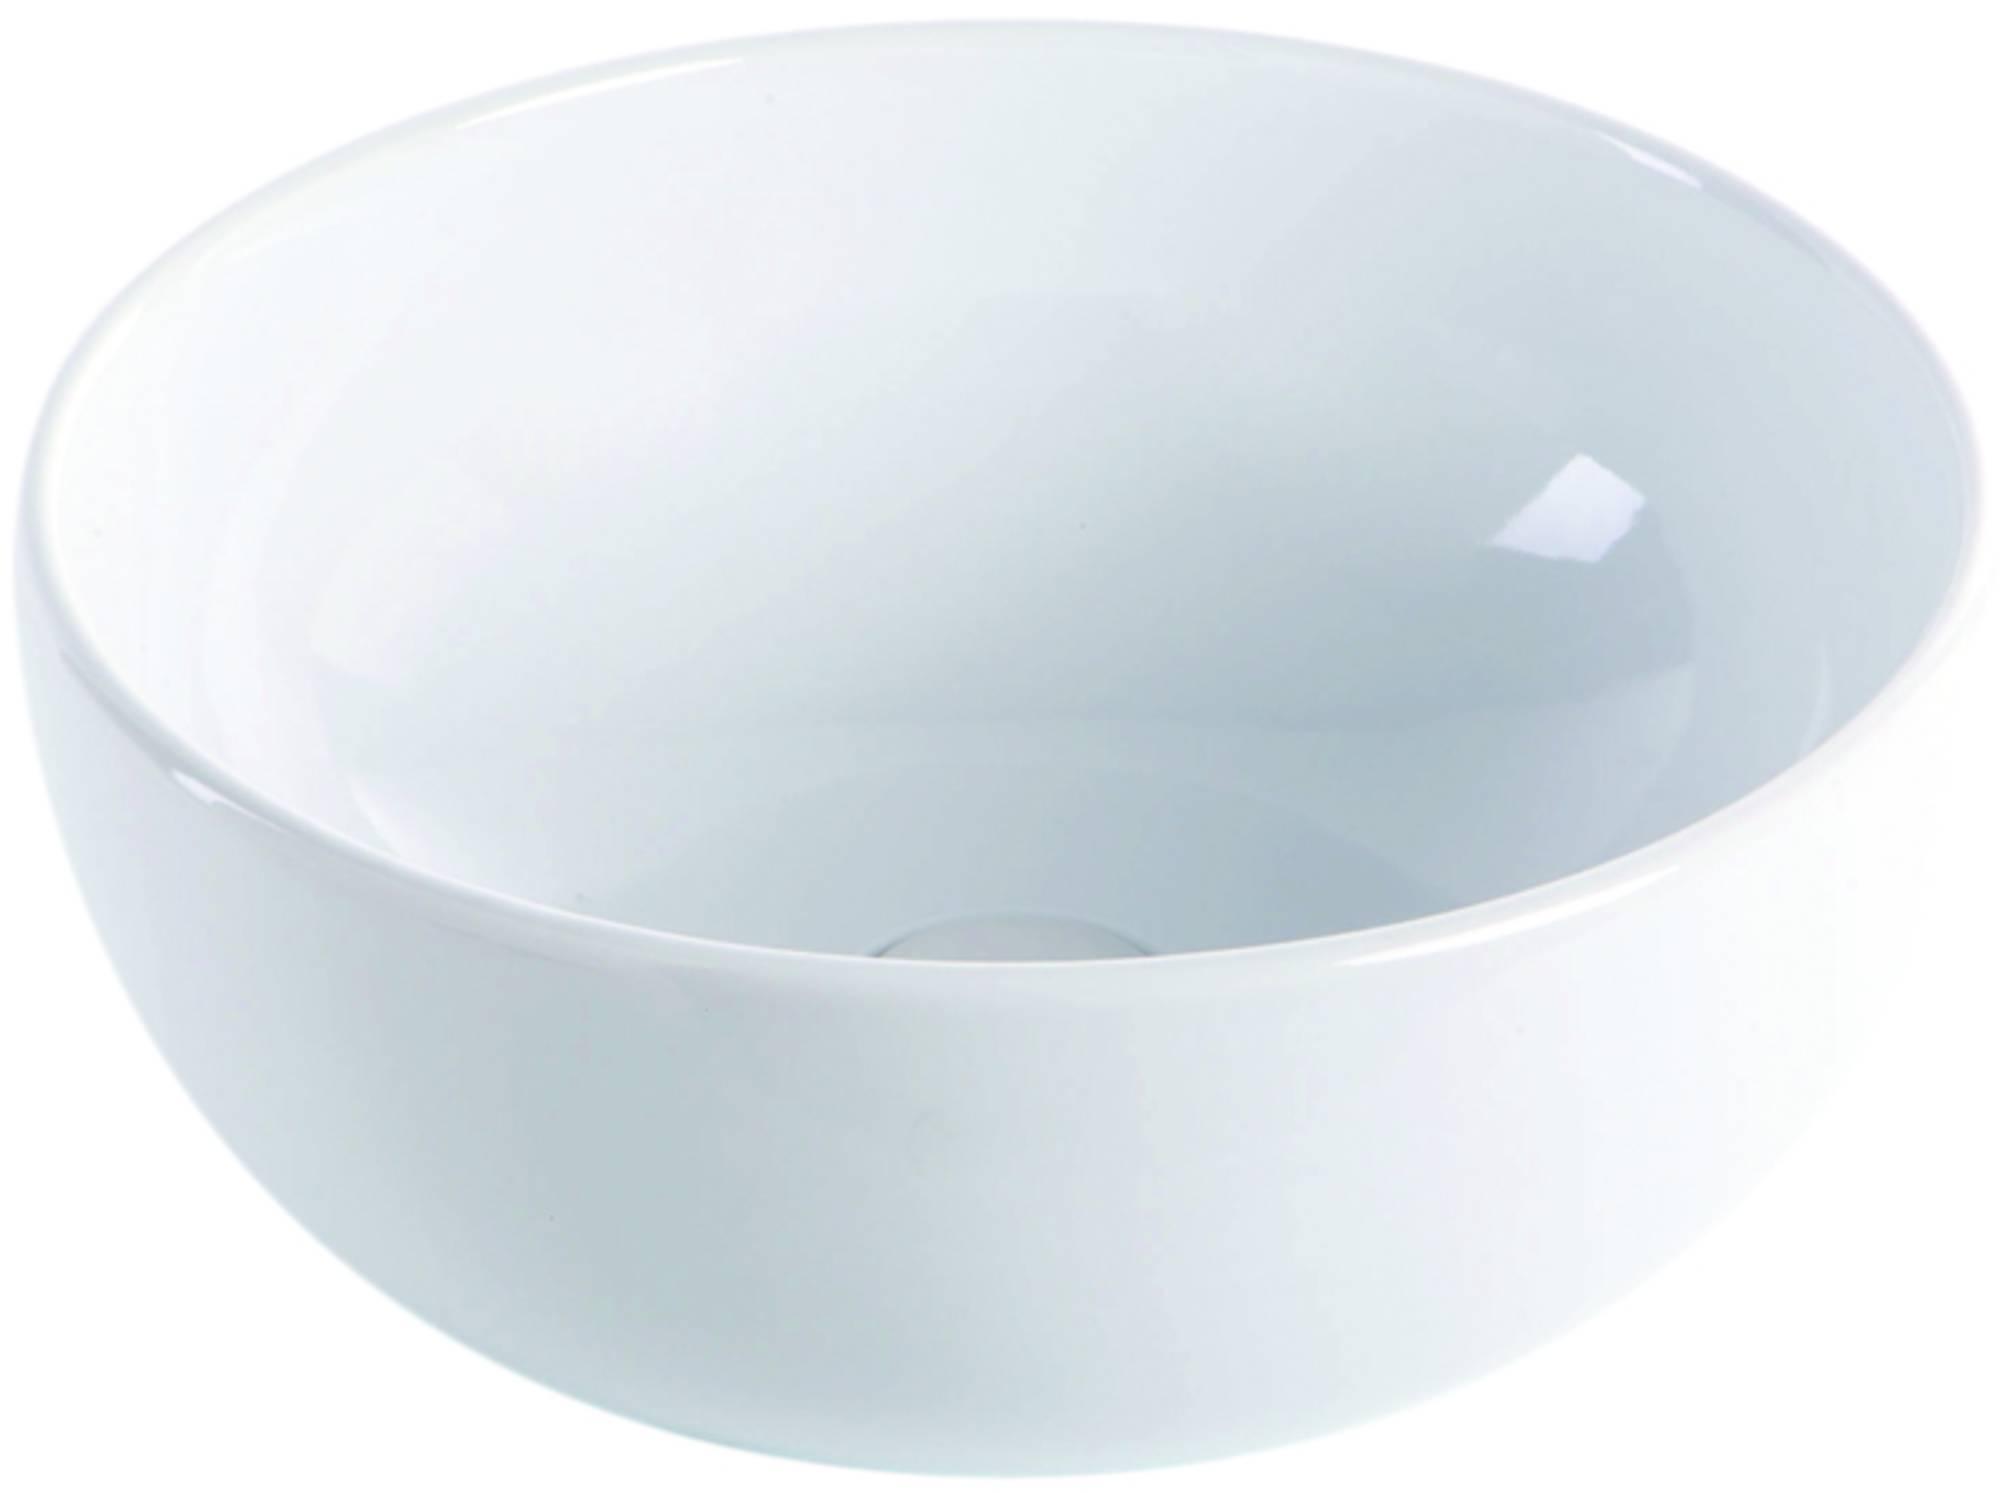 Ceramica Cielo SpA Shui Wastafel Keramiek 40x40 cm Agave